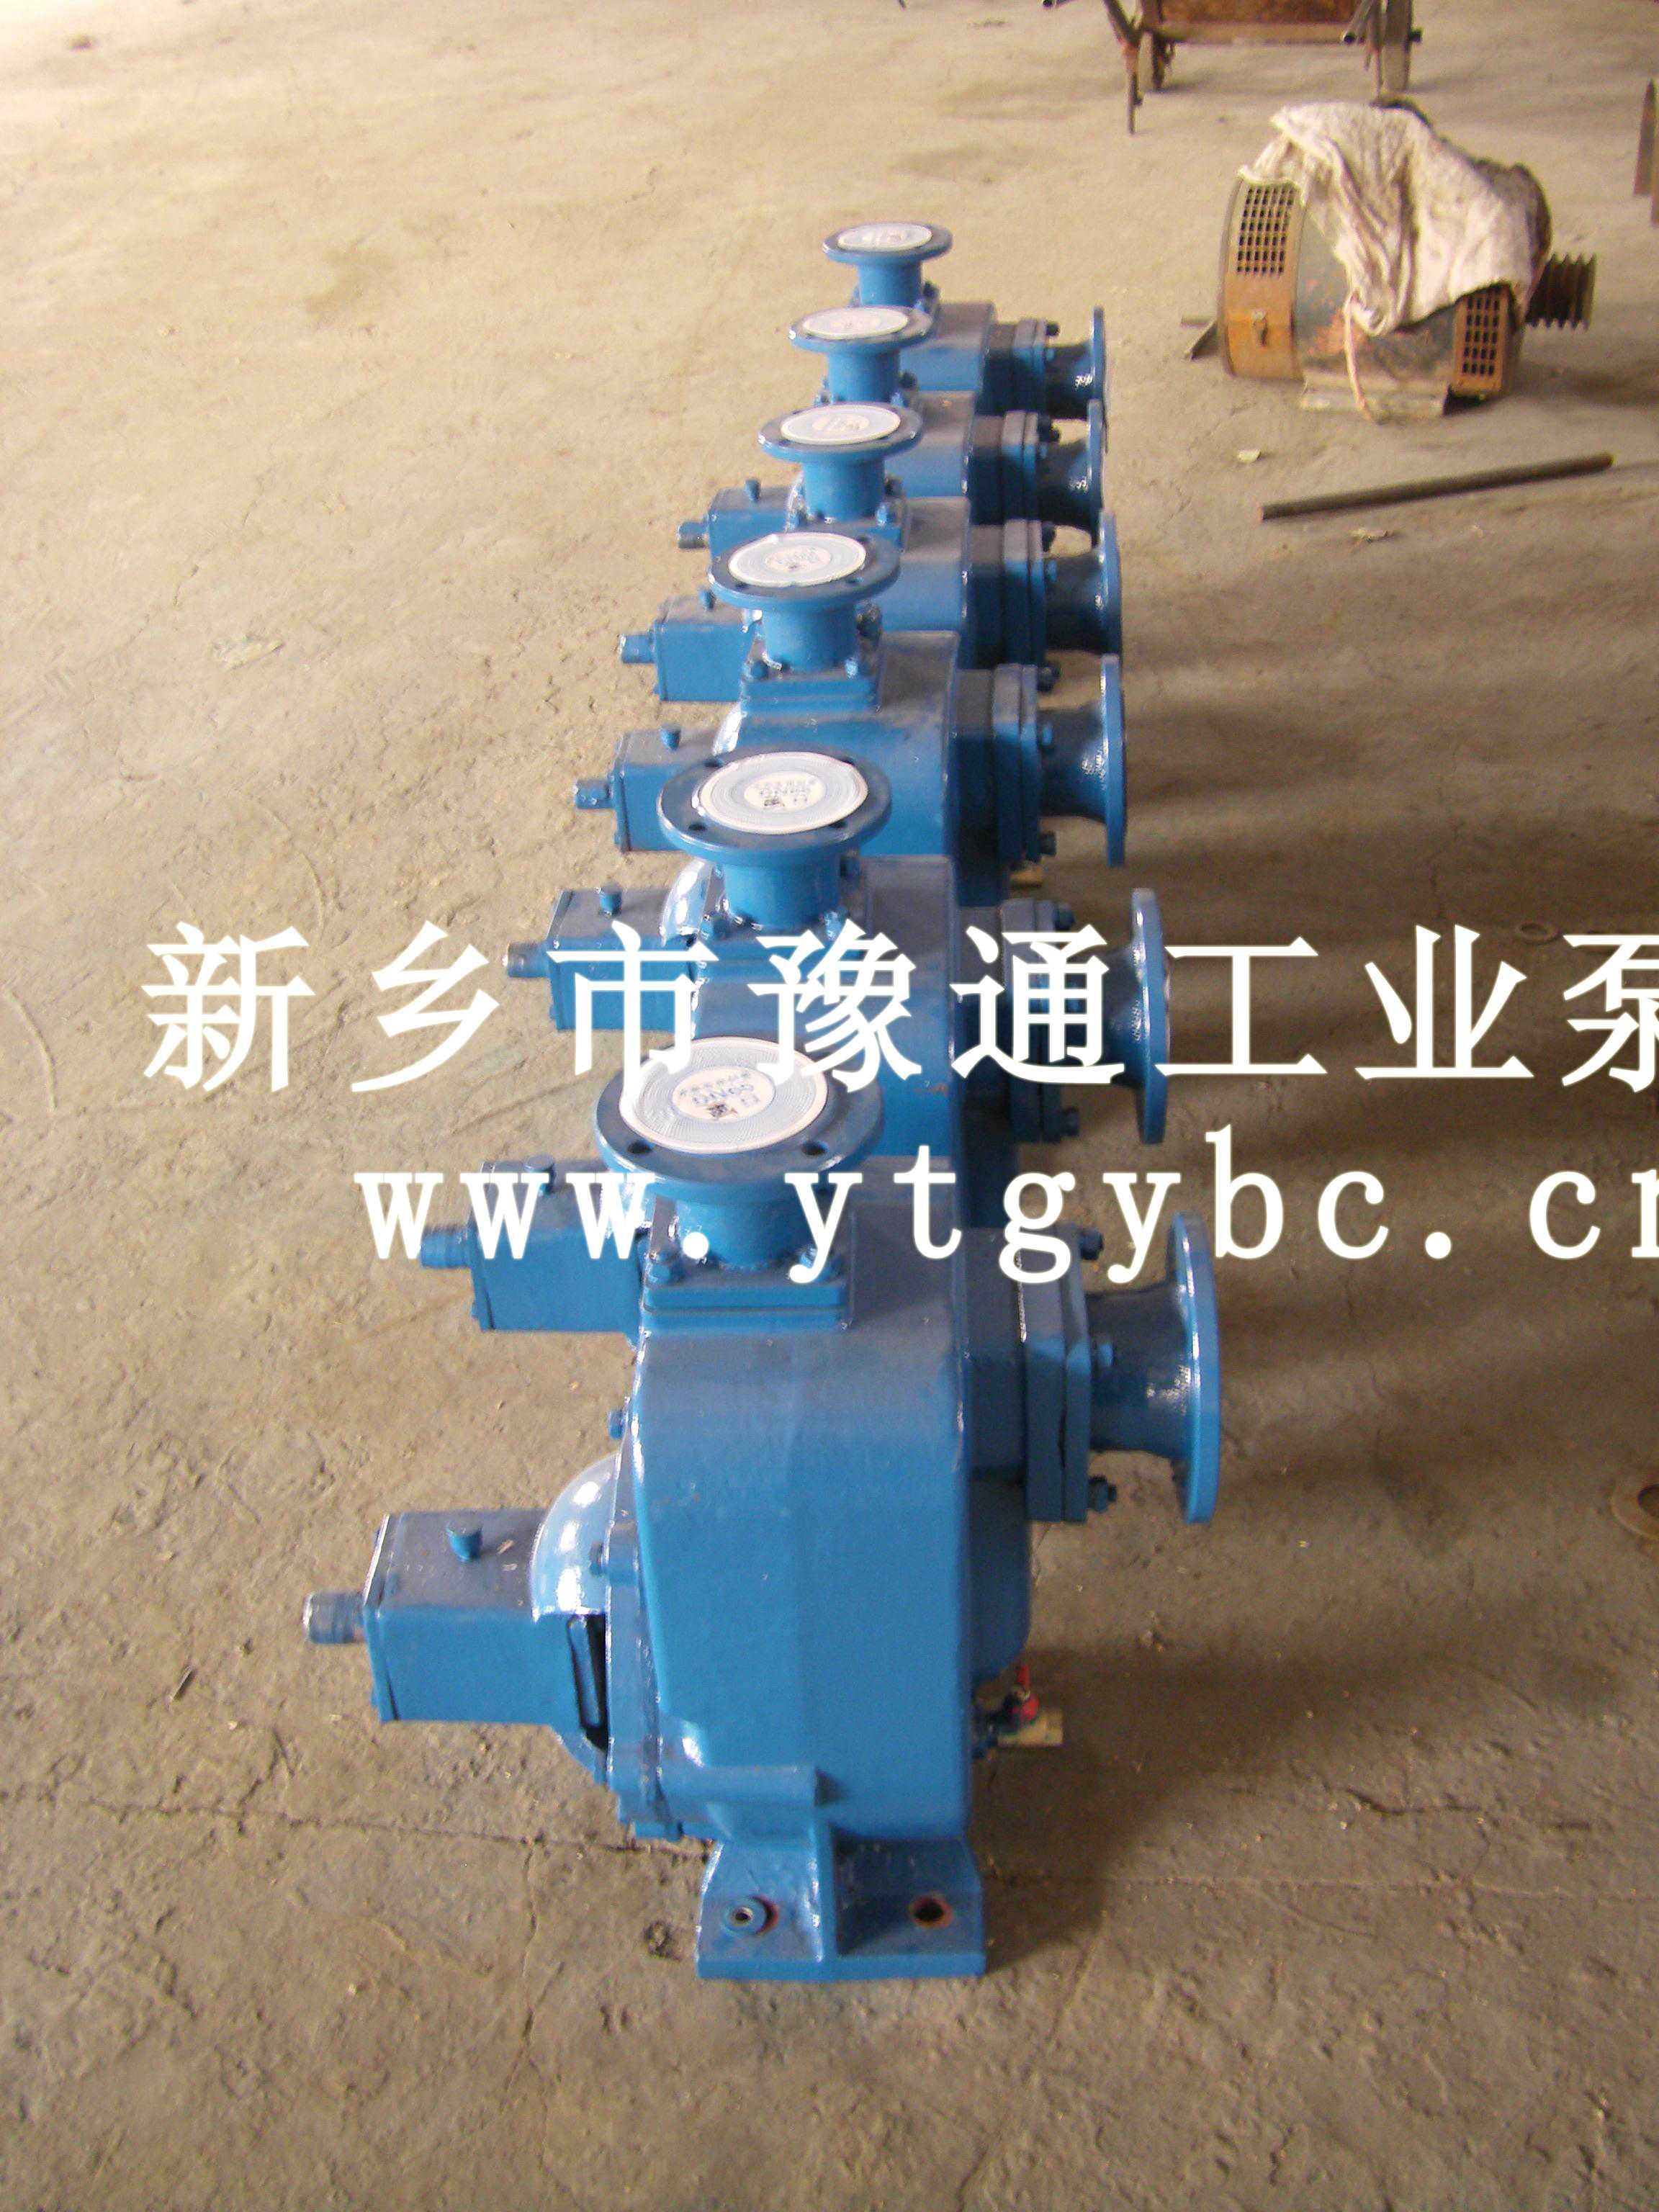 【廠家推薦】質量良好的ZW自吸式無堵塞排污泵動態,河南新鄉ZW自吸式排污泵